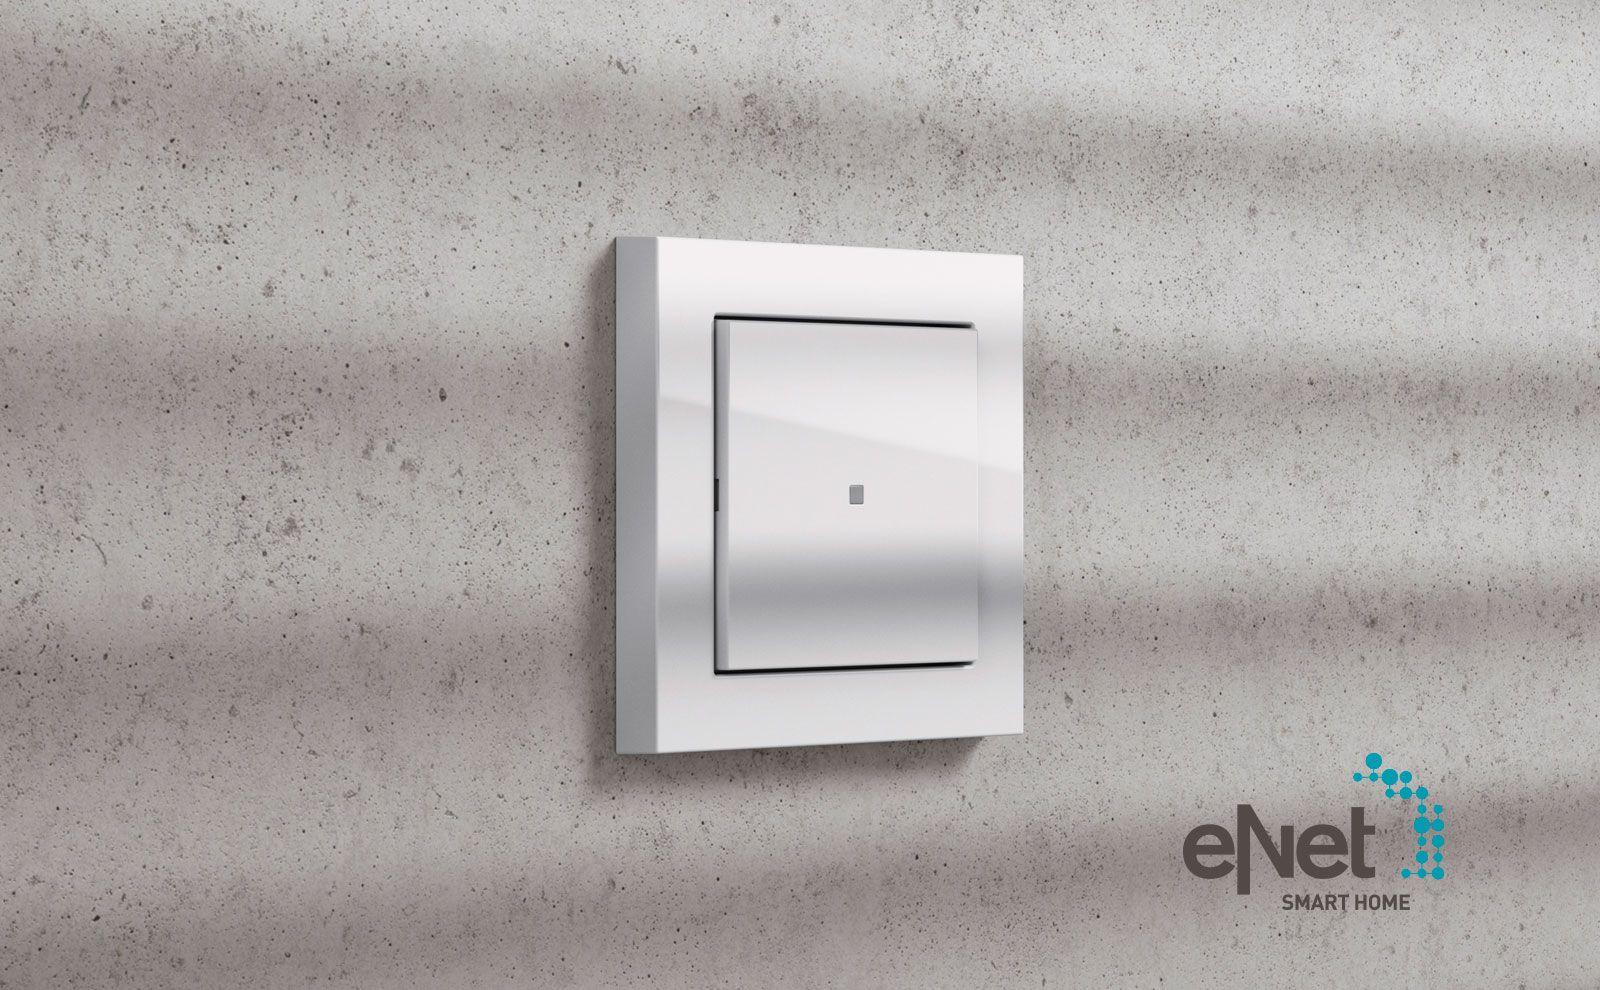 Gira E3 Gira eNet Funk- und Dimmaufsatz Gira eNet SMART HOME Lichtsteuerung